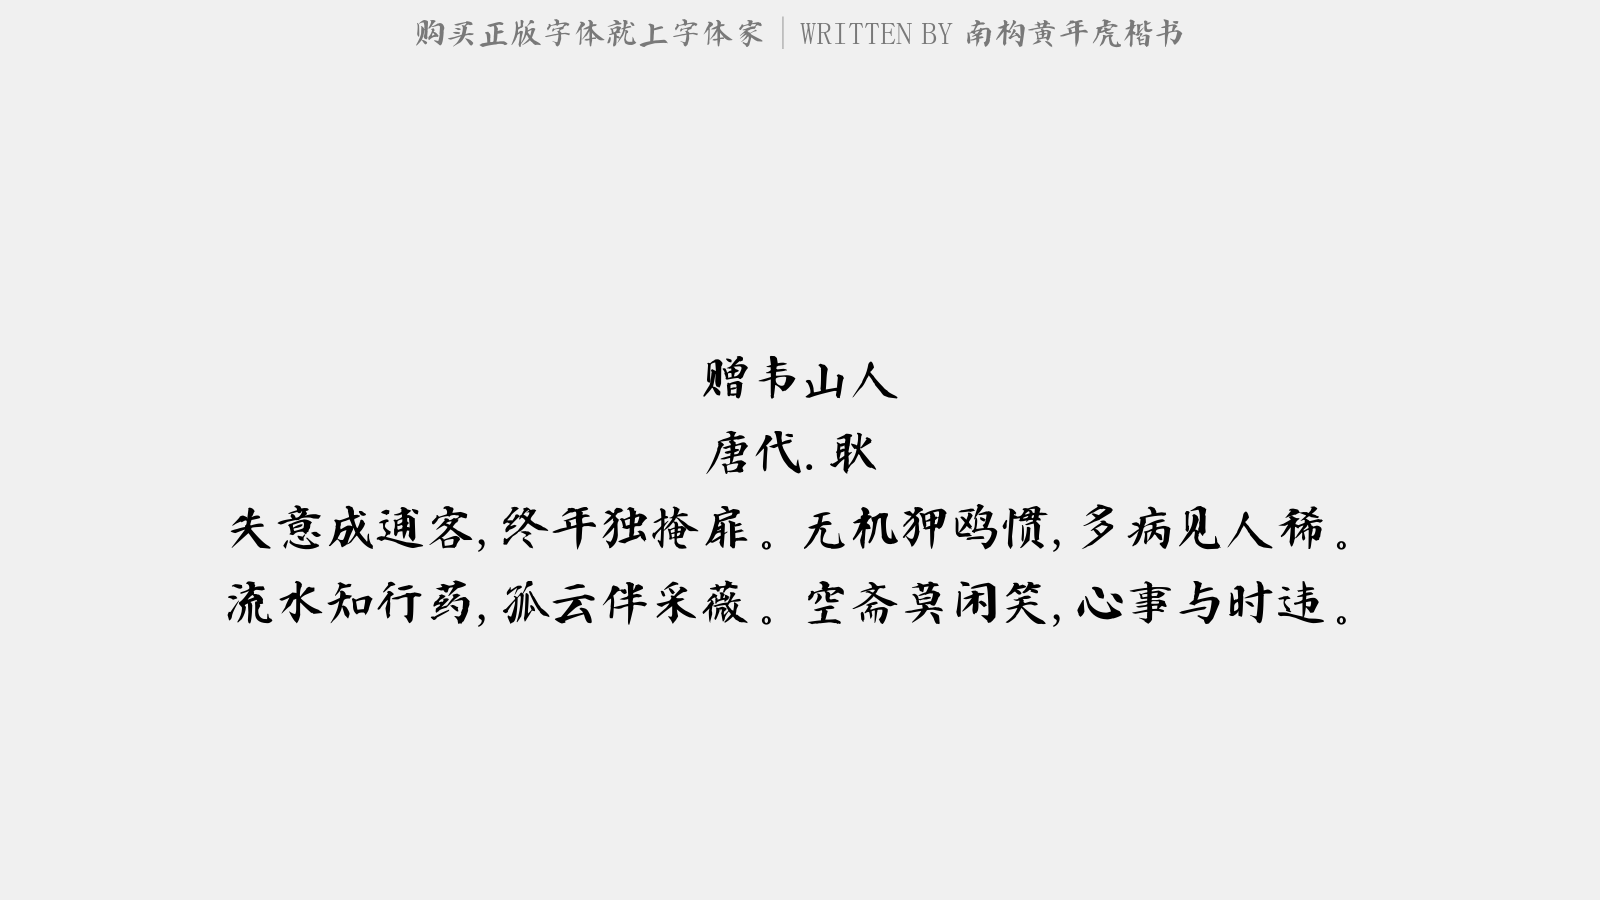 南構黃年虎楷書 - 贈韋山人